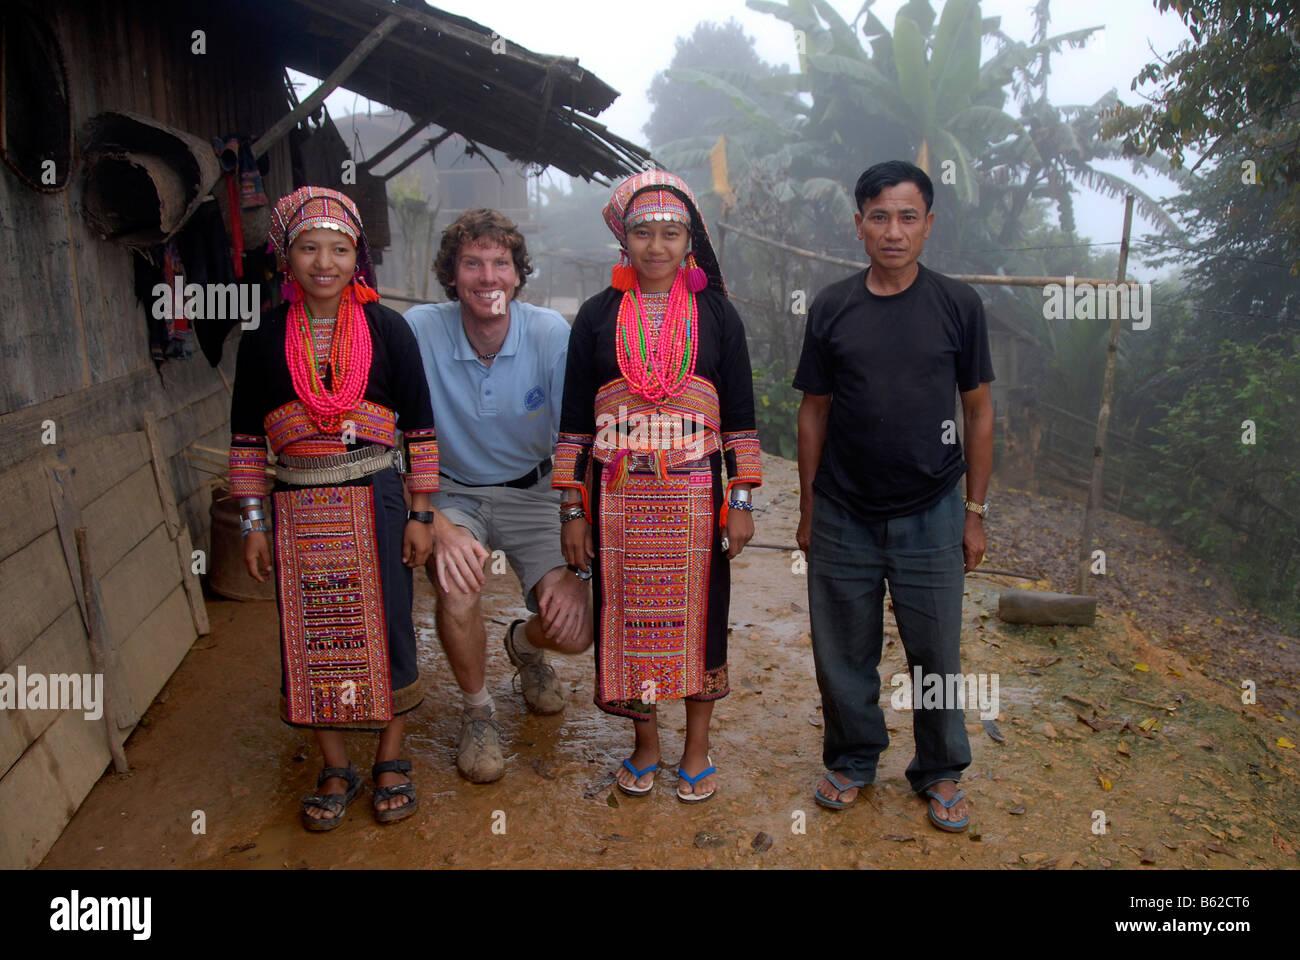 Gruppenbild der Entwicklung Hilfe Arbeiter mit jungen Frauen des Stammes Akha Pala gekleidet in bunten Trachten, Stockbild